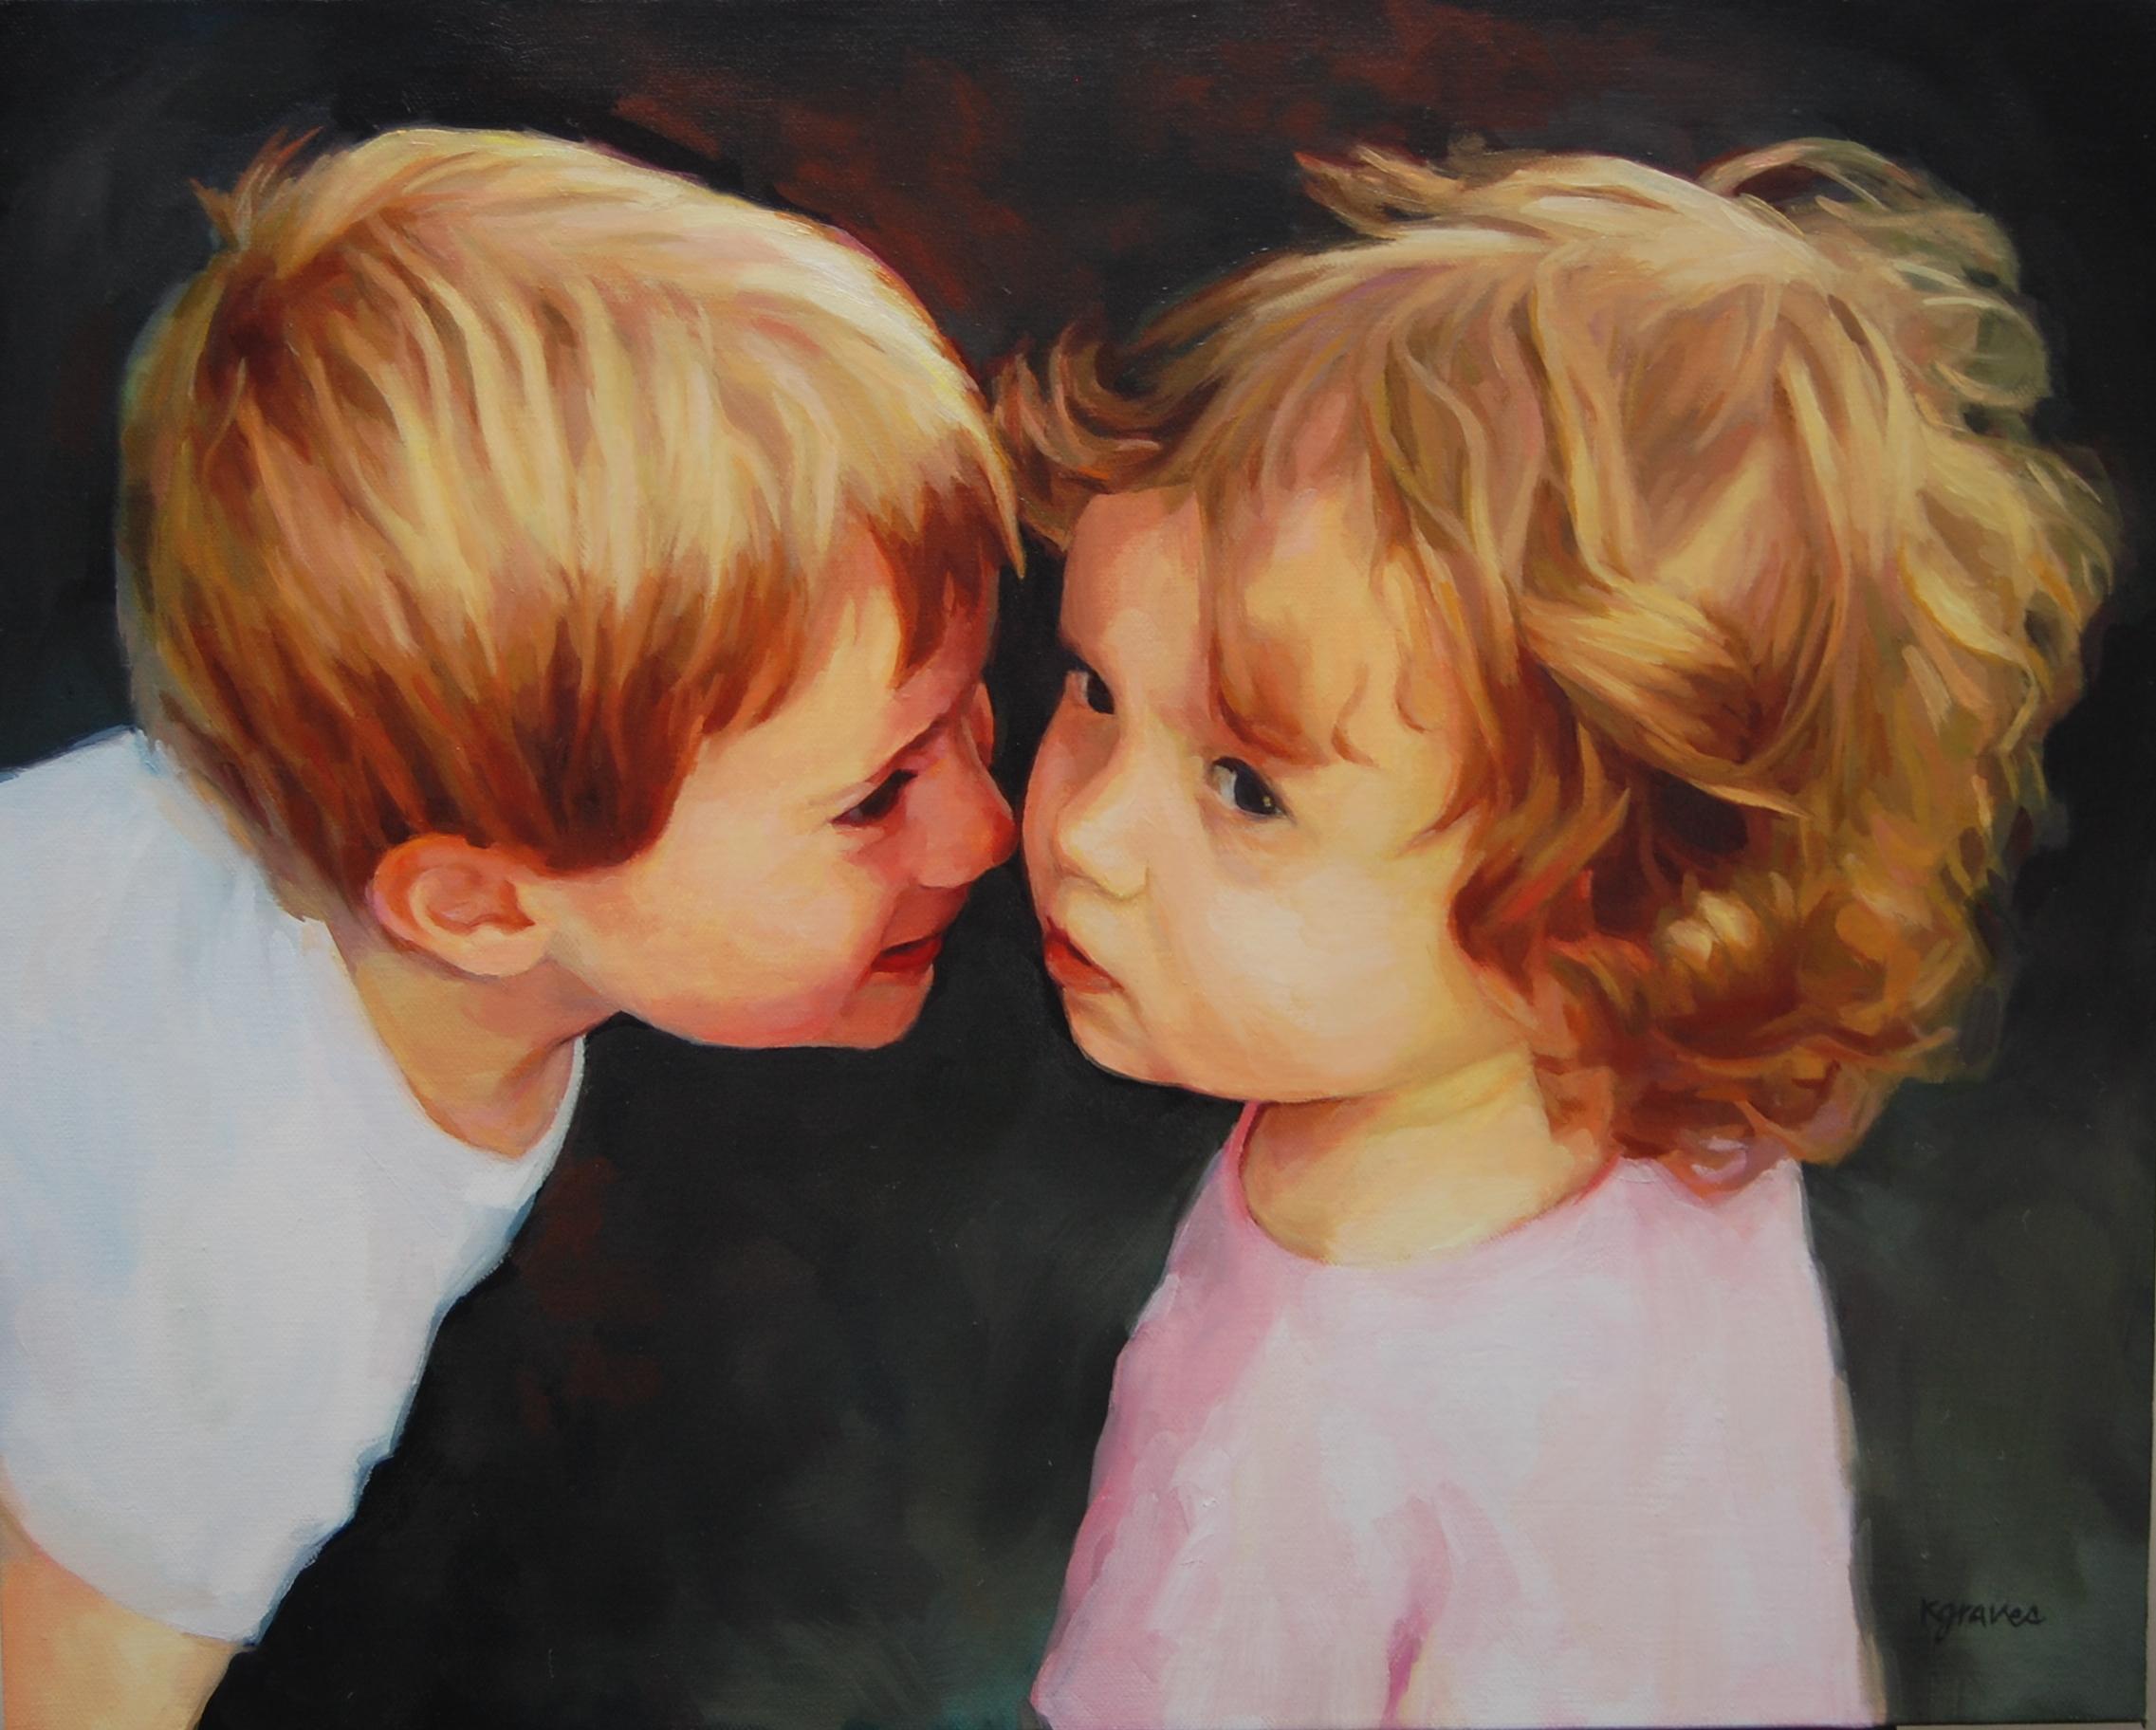 Siblings, 16x20